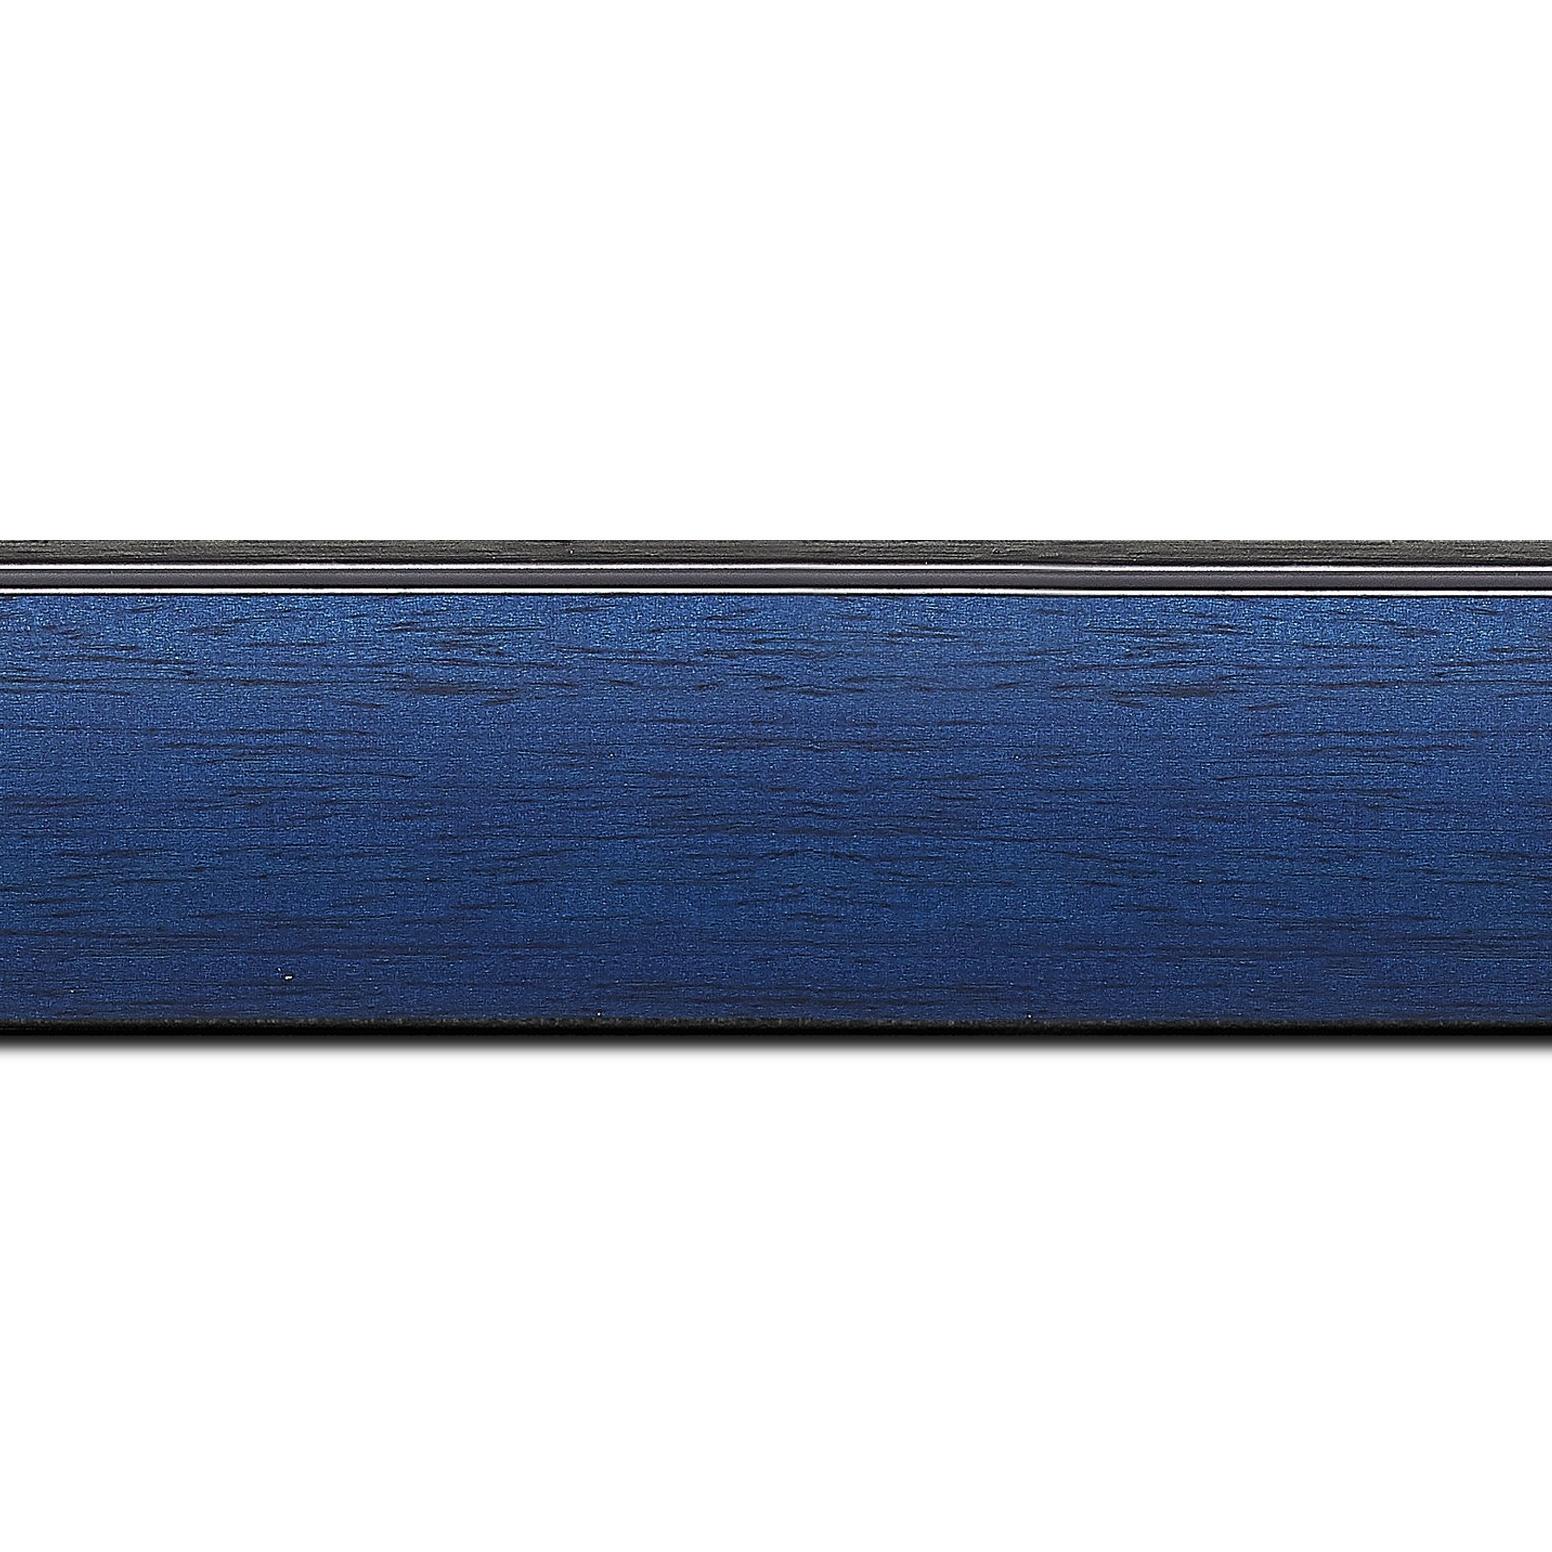 Pack par 12m, bois profil en pente méplat largeur 4.8cm couleur bleu cobalt satiné surligné par une gorge extérieure noire : originalité et élégance assurée (longueur baguette pouvant varier entre 2.40m et 3m selon arrivage des bois)